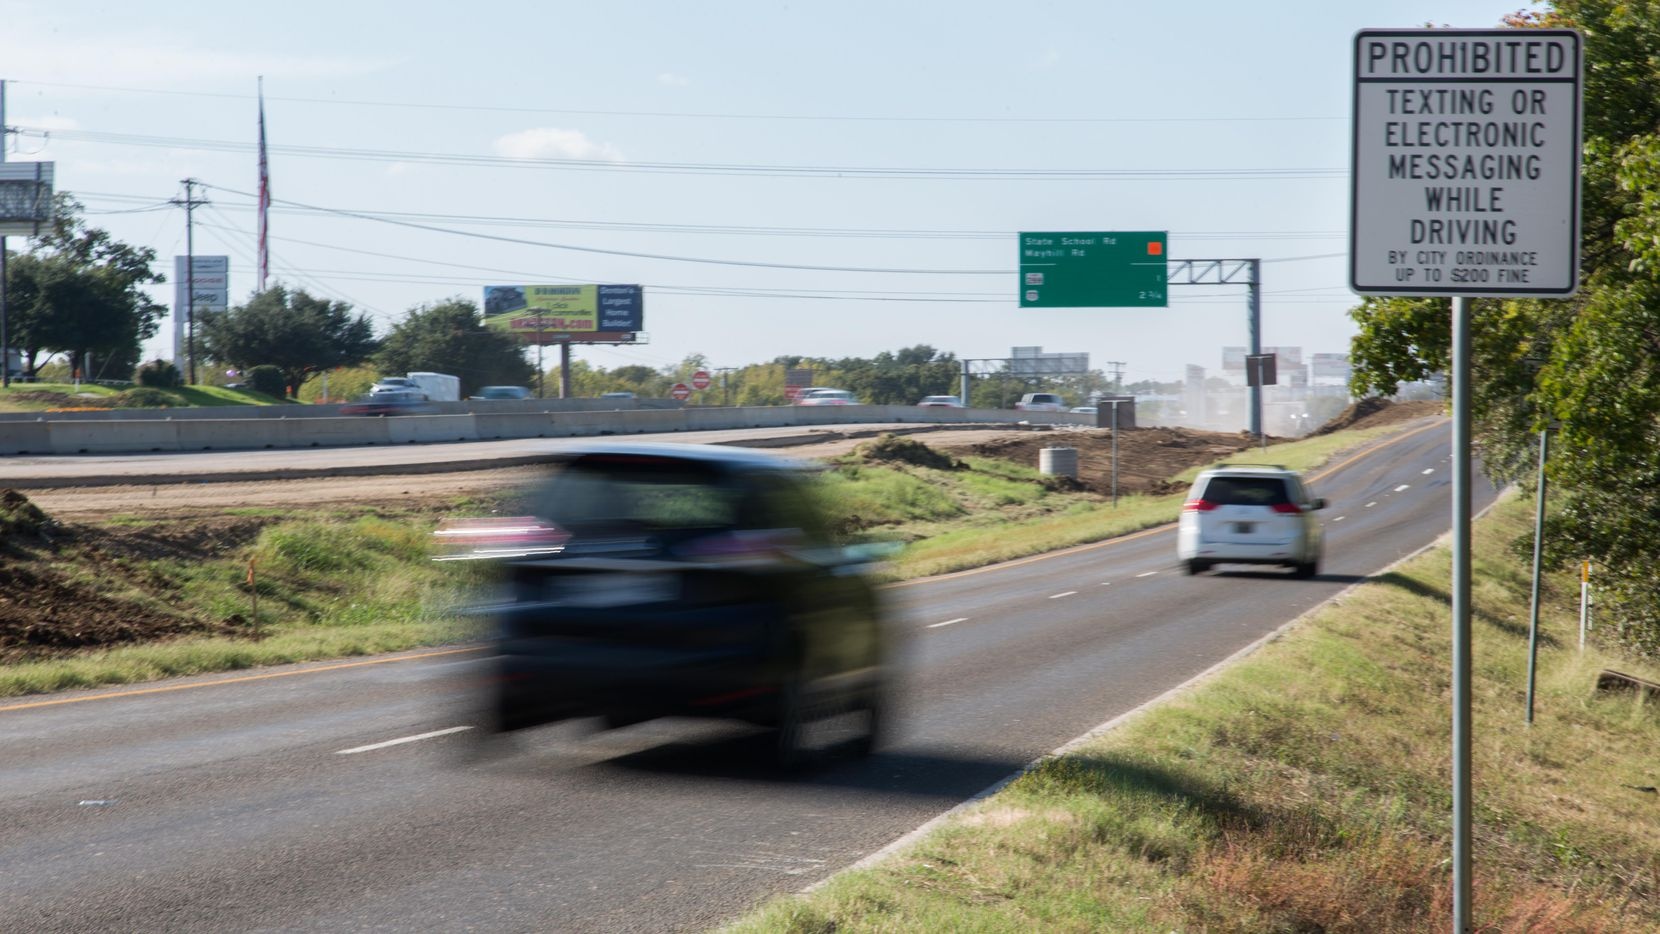 En Denton hay señales viales que advierten sobre el uso del teléfono para enviar mensajes de texto mientras se maneja el auto. (DRC/ARCHIVO)